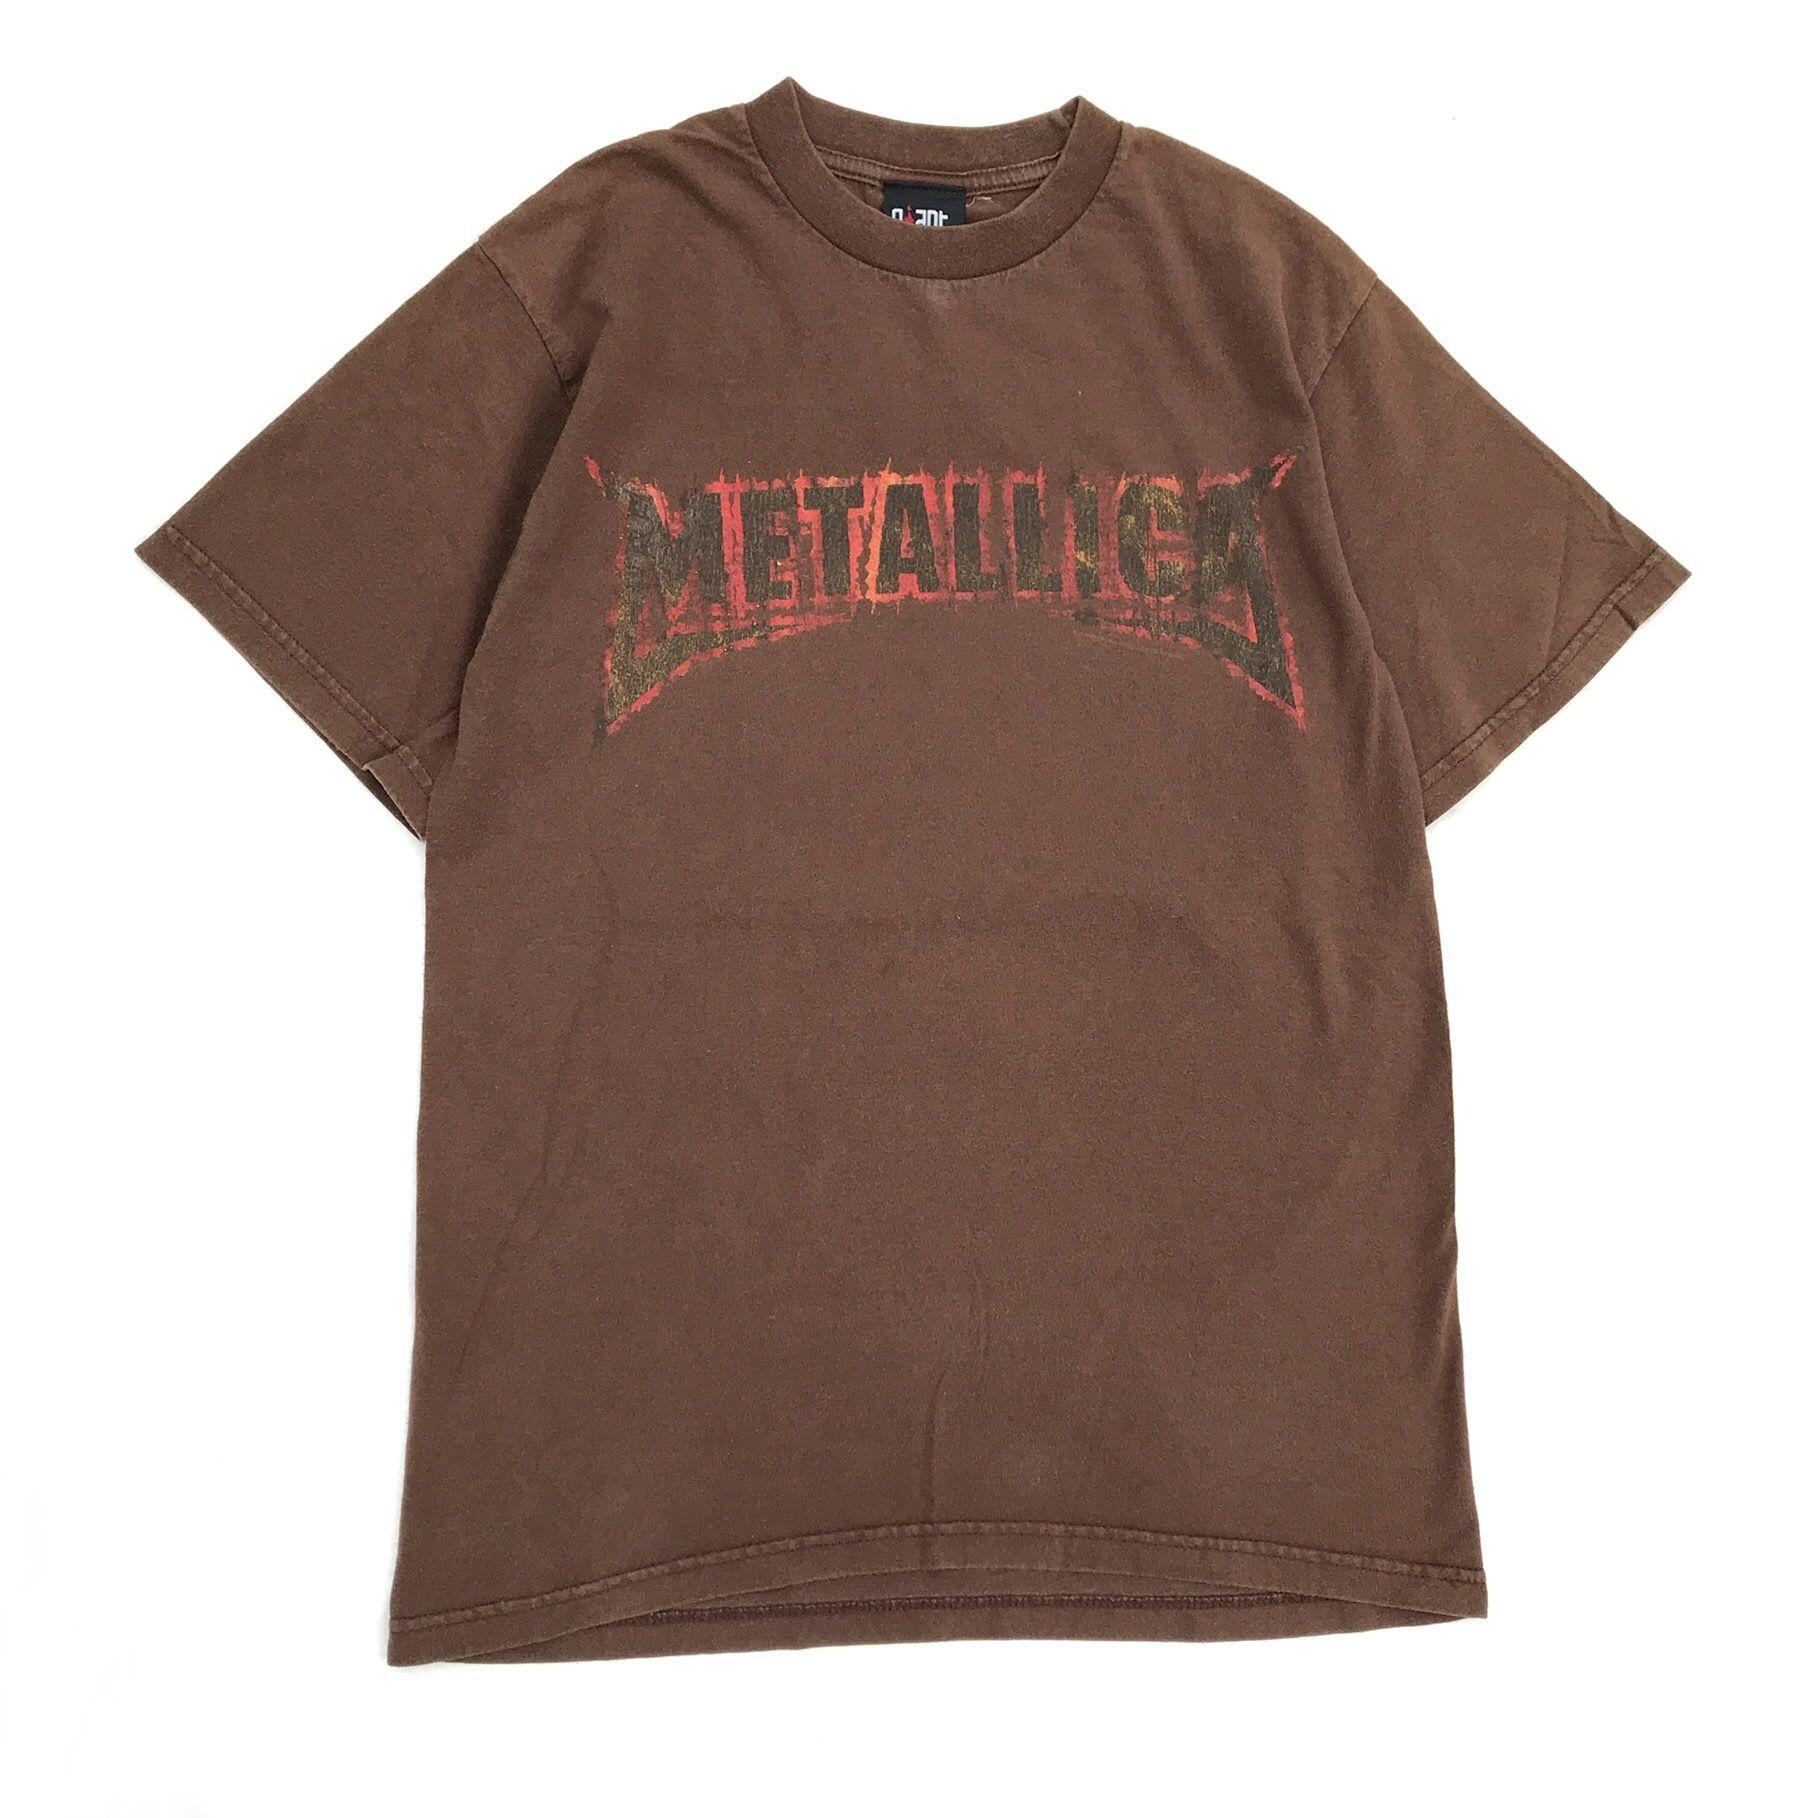 Vintage METALICA Tee / Brown